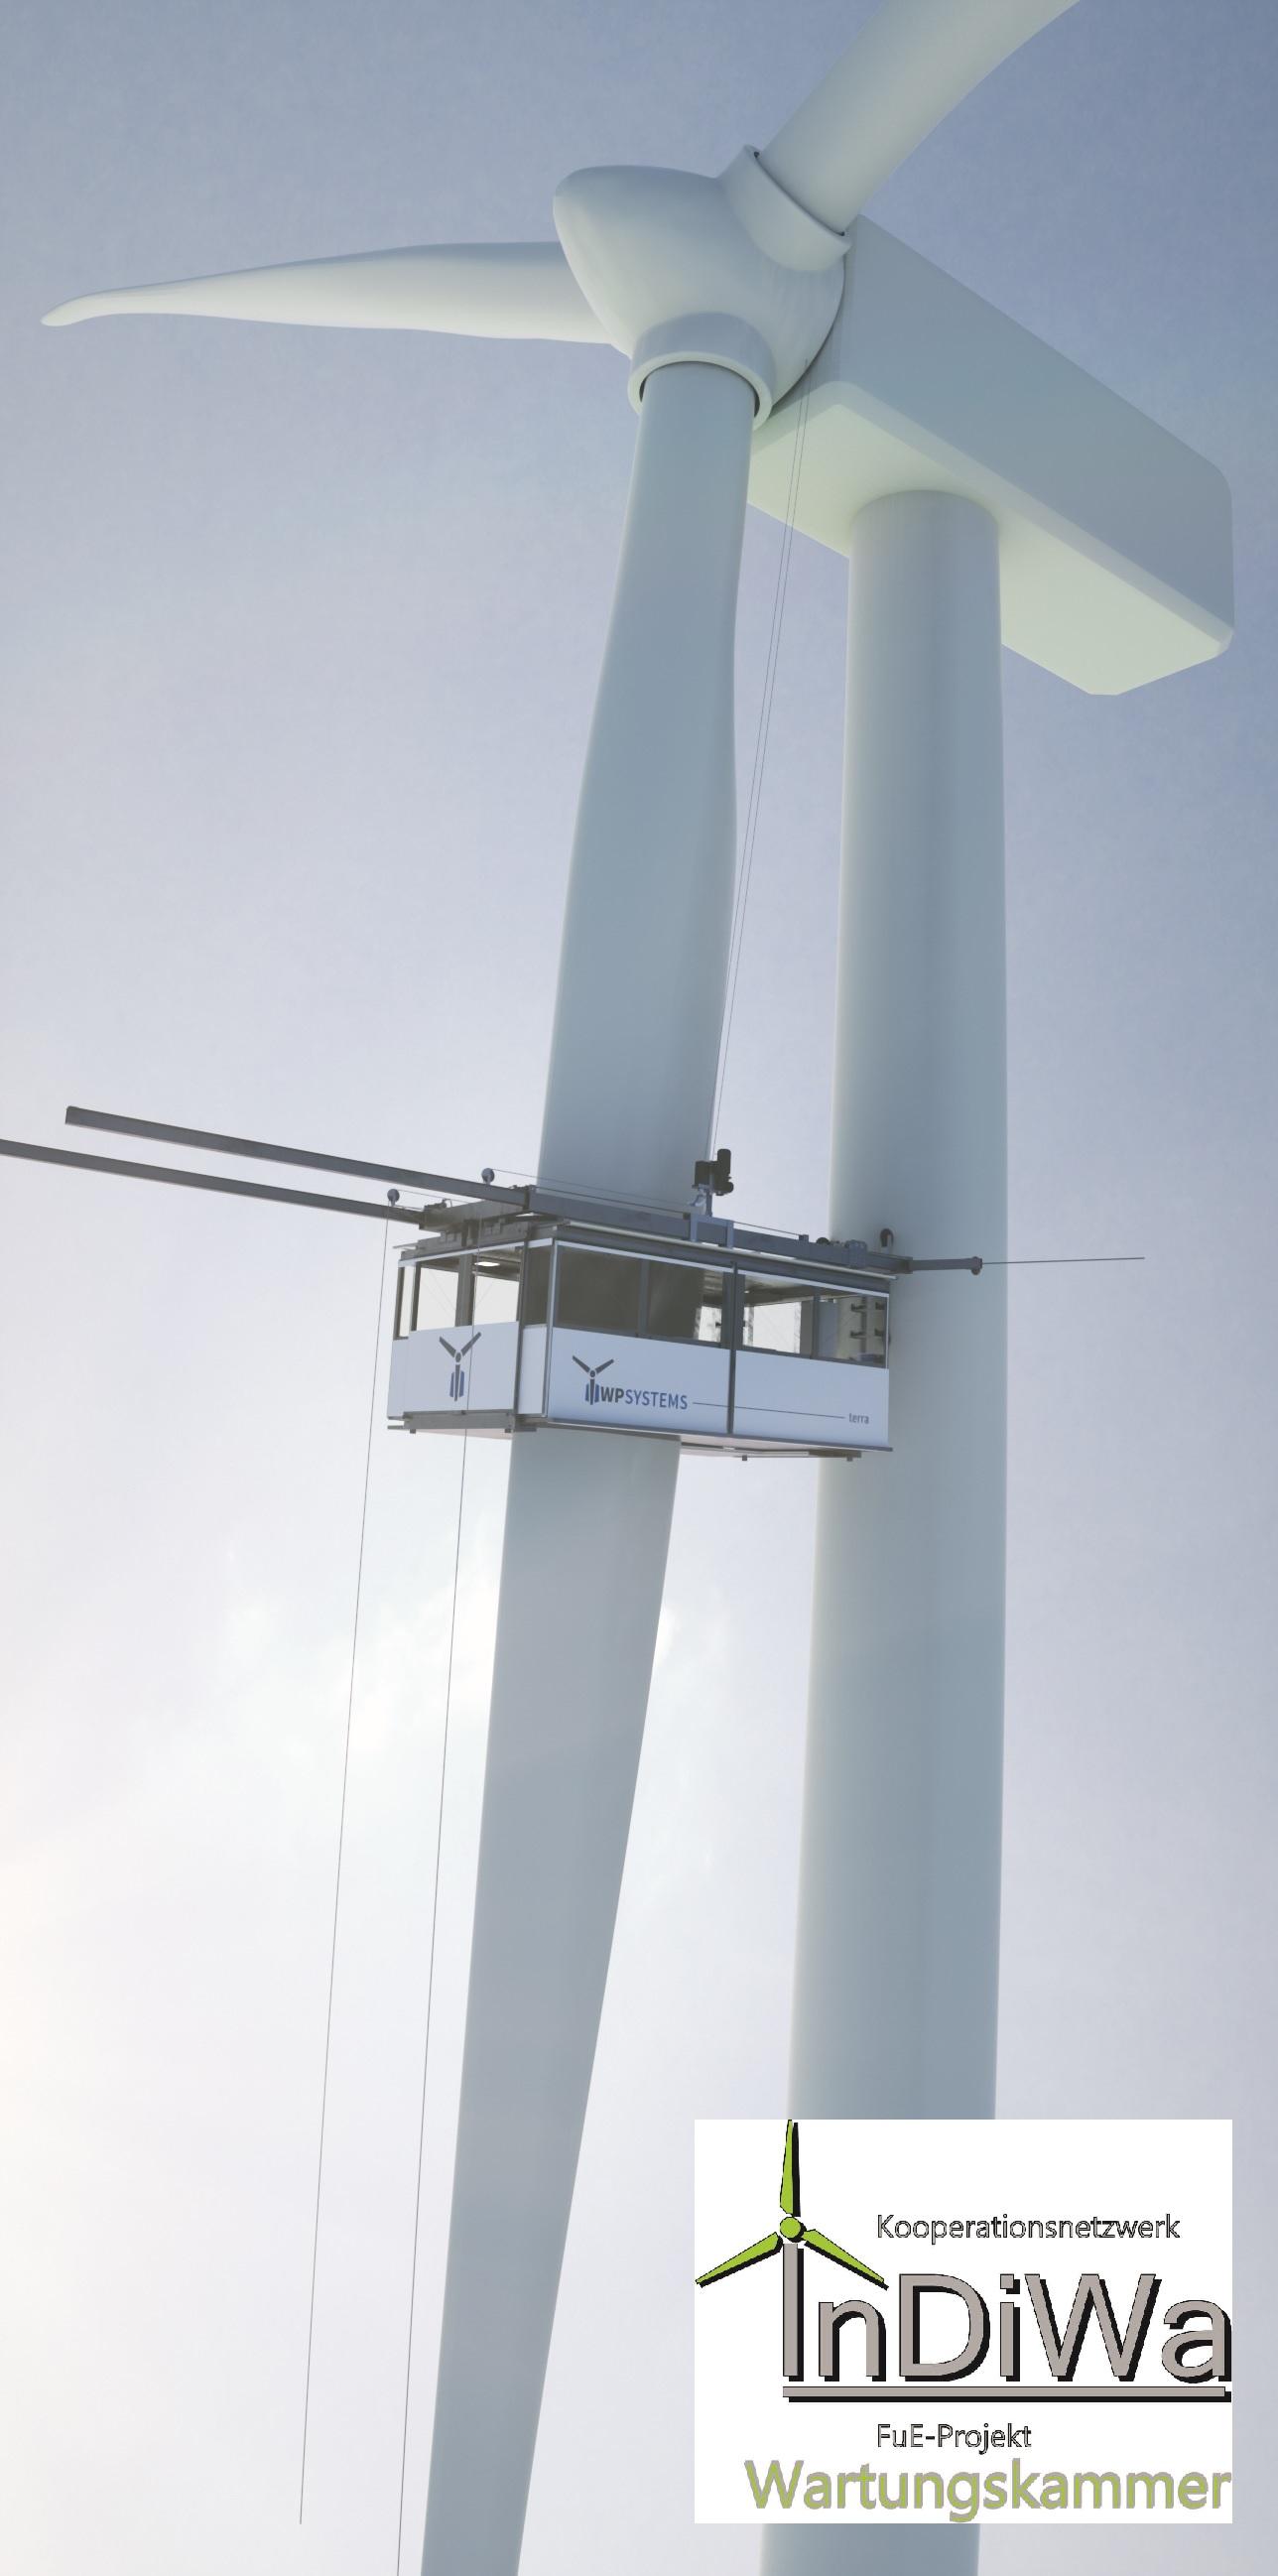 Wartungssystem für Rotorblätter (Quelle: WP Systems GmbH)